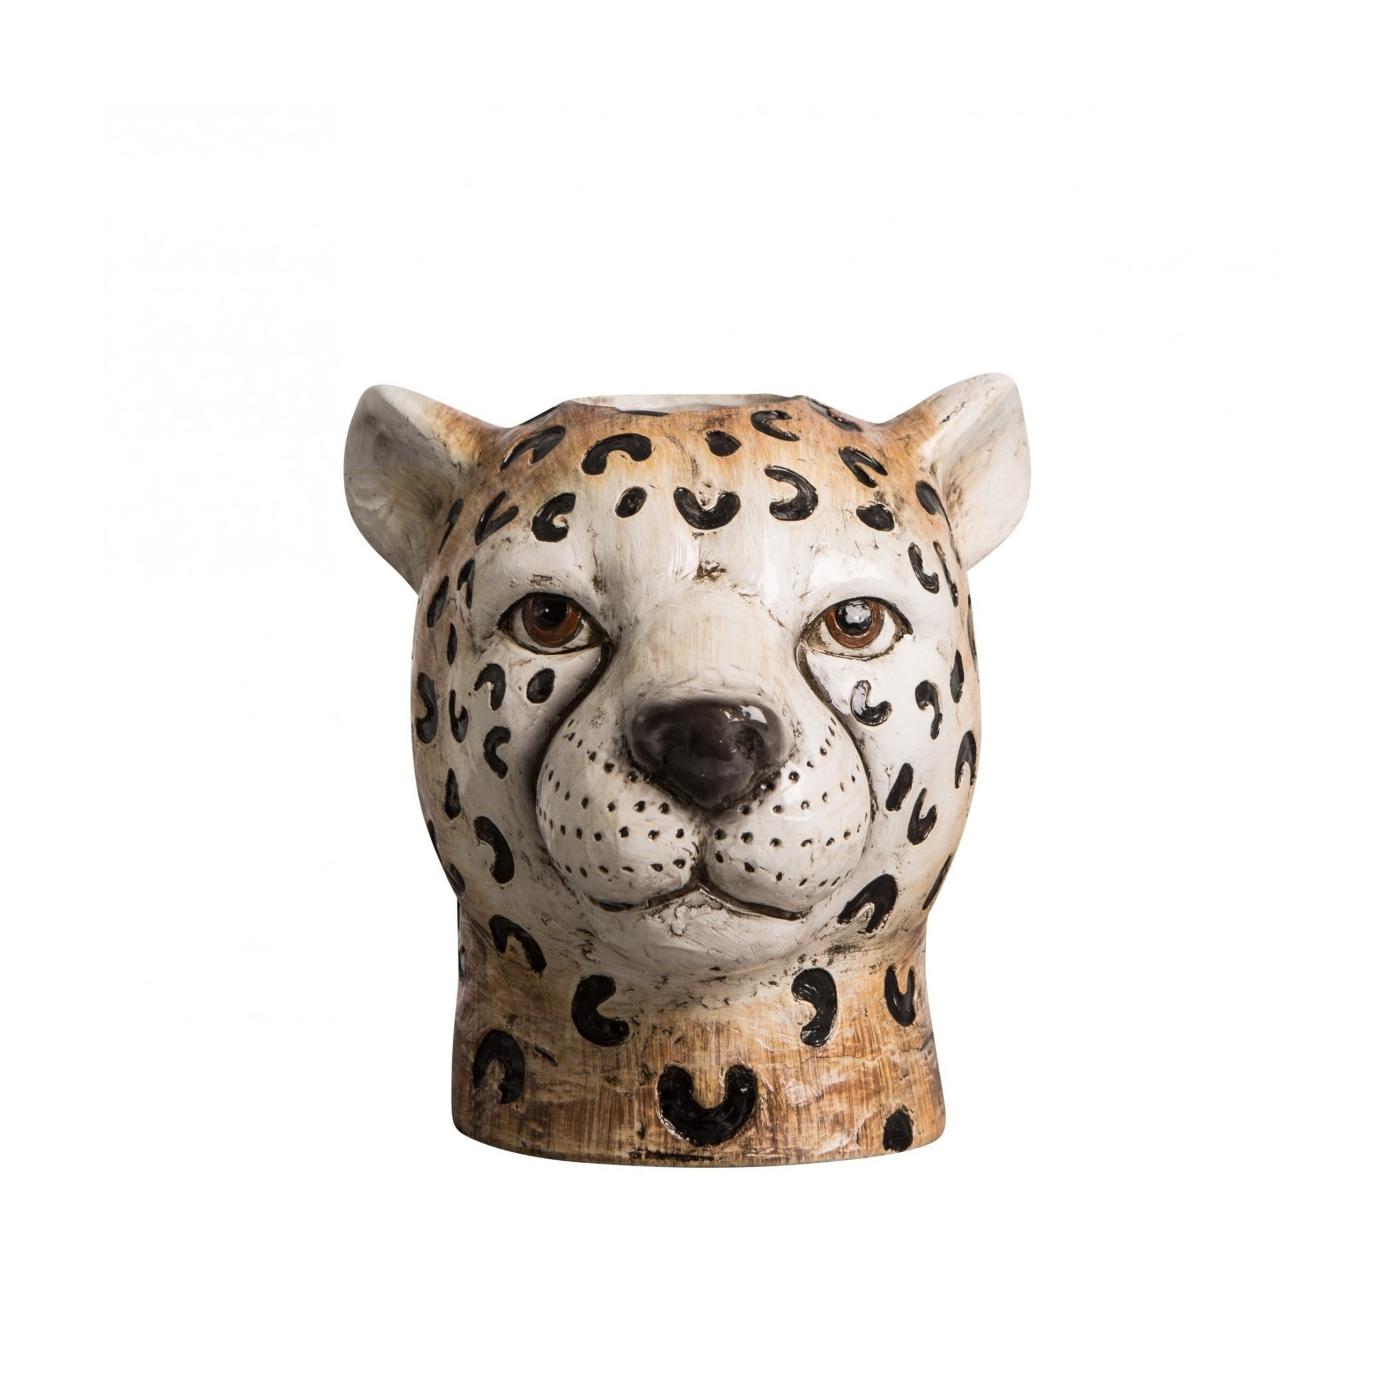 Vas Cheetah stor Gepard, ByON